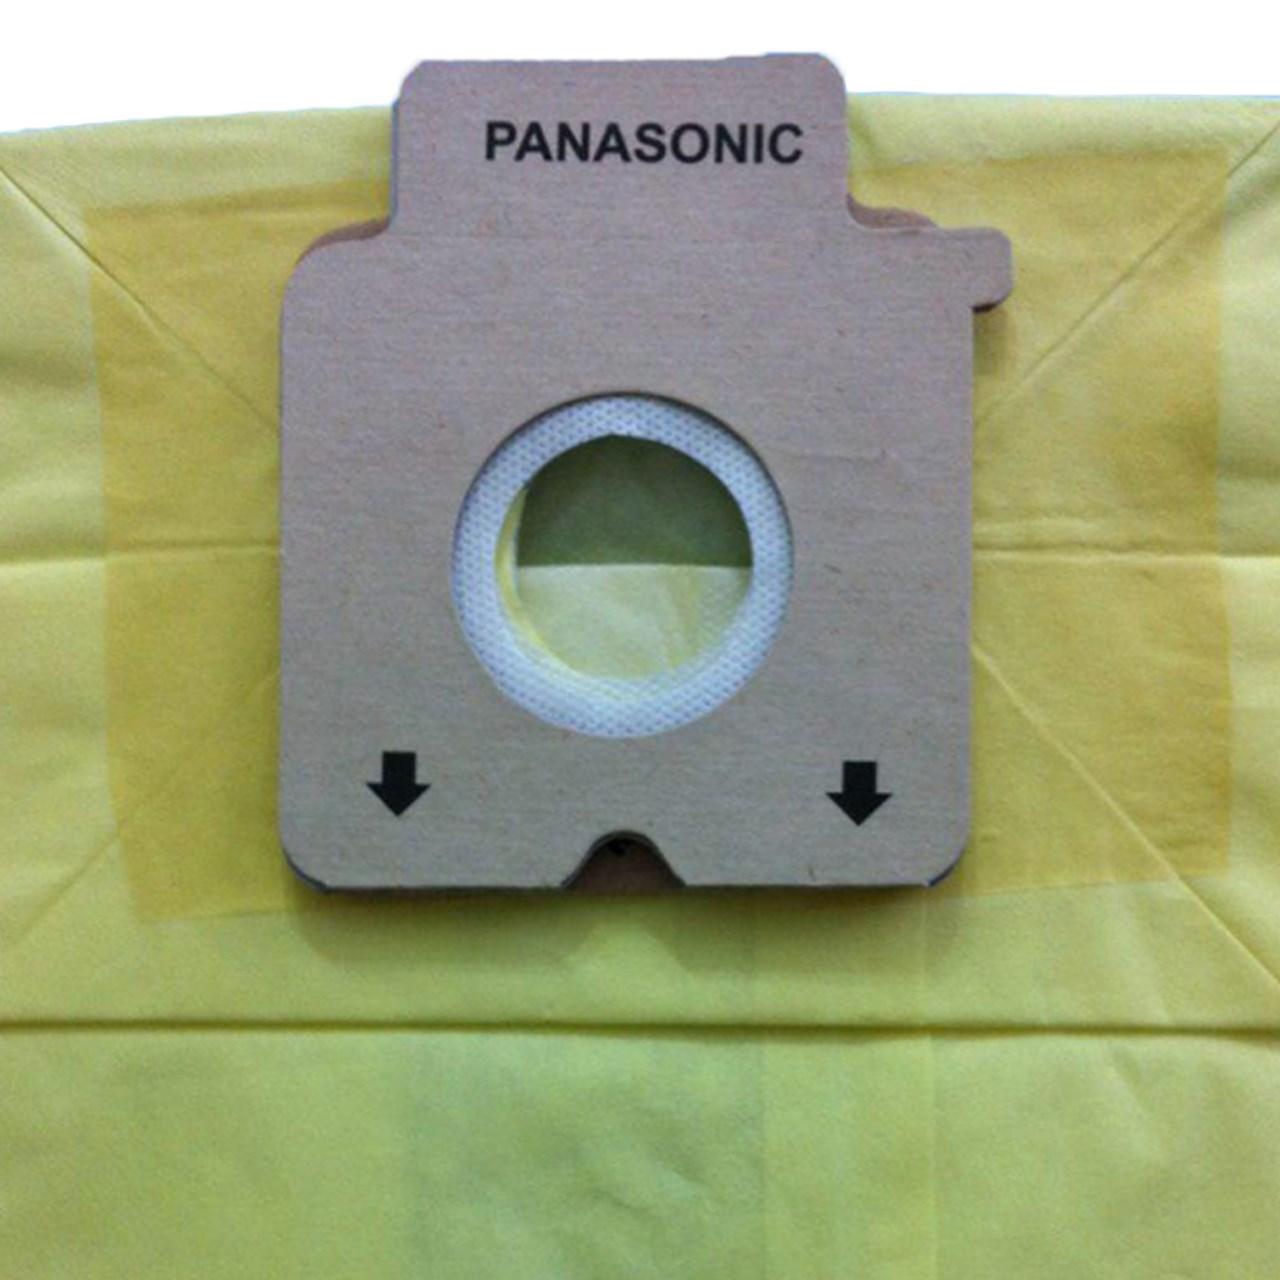 خرید                     کیسه جاروبرقی کد 01 مناسب برای پاناسونیک بسته 5 عددی